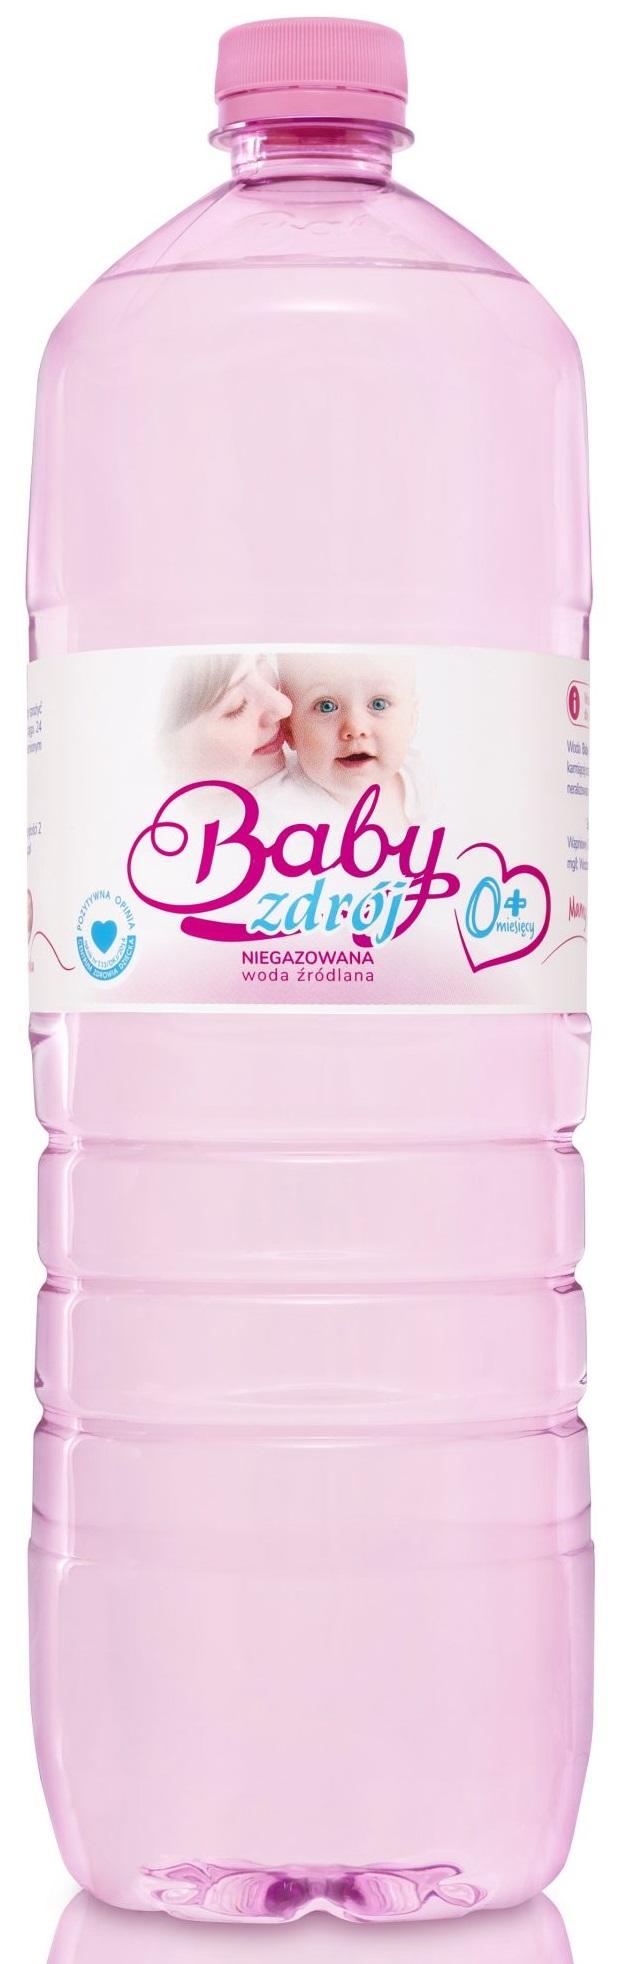 eau de source thermale de bébé non gazéifiée